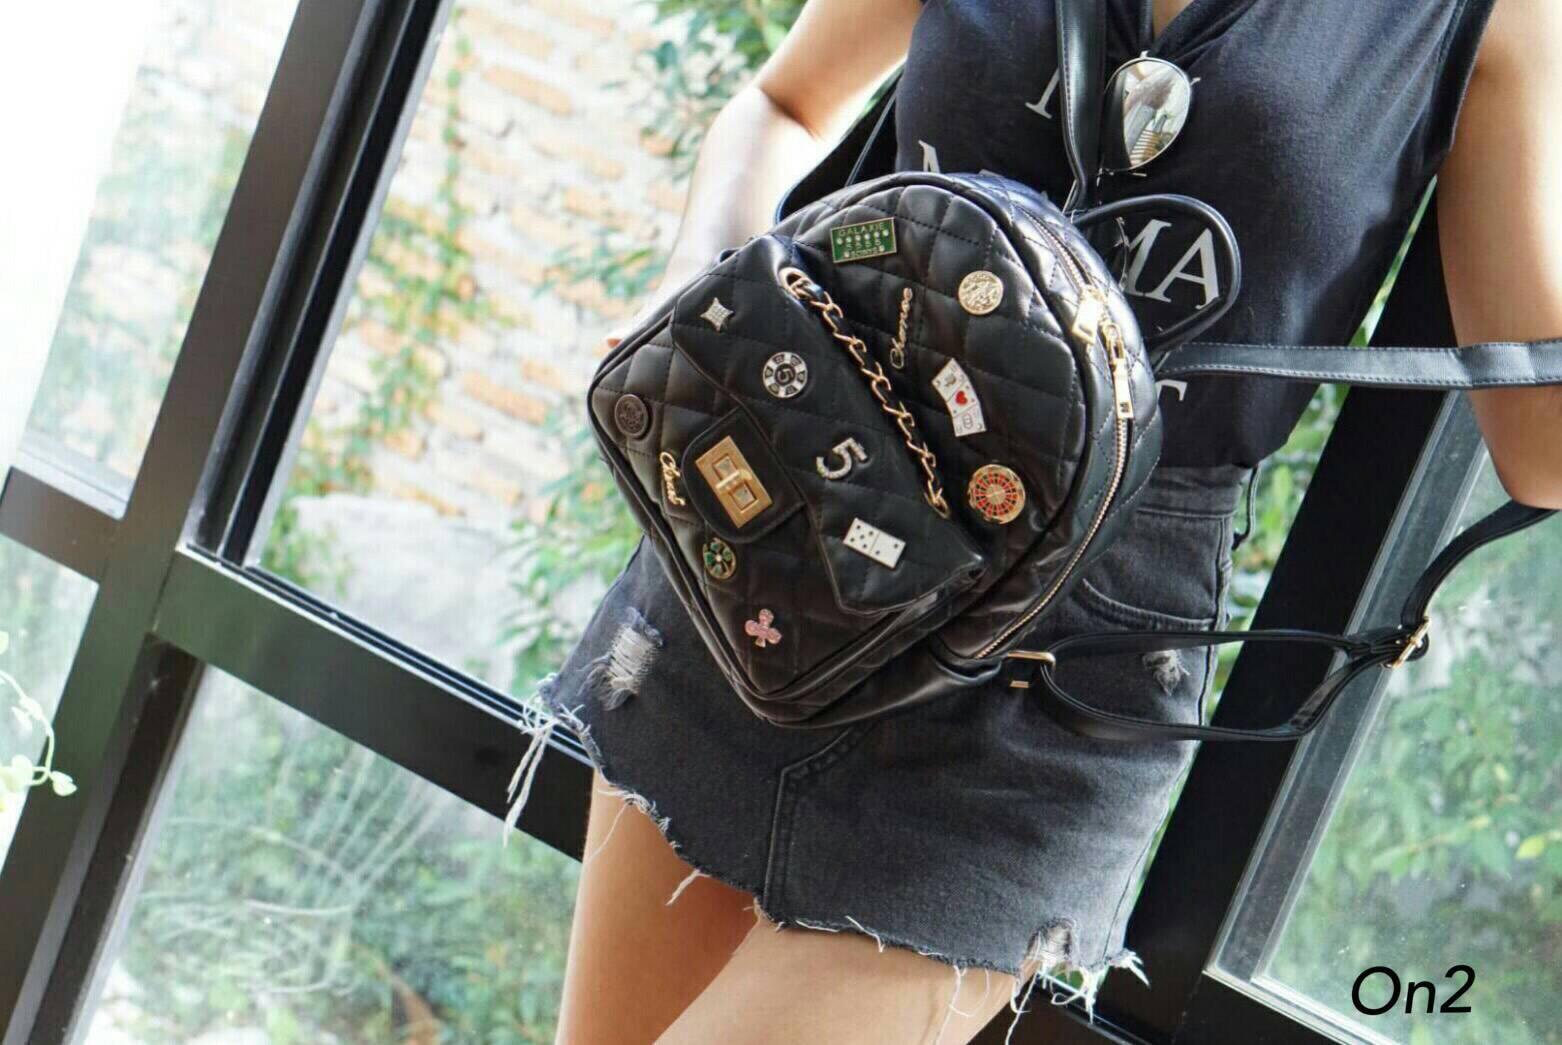 Chanel lady blackpackกระเป๋าเป้สพายที่ชิคที่สุดแล้ว จัดเต็มอะไหล่แน่นๆไม่มีกั๊ก